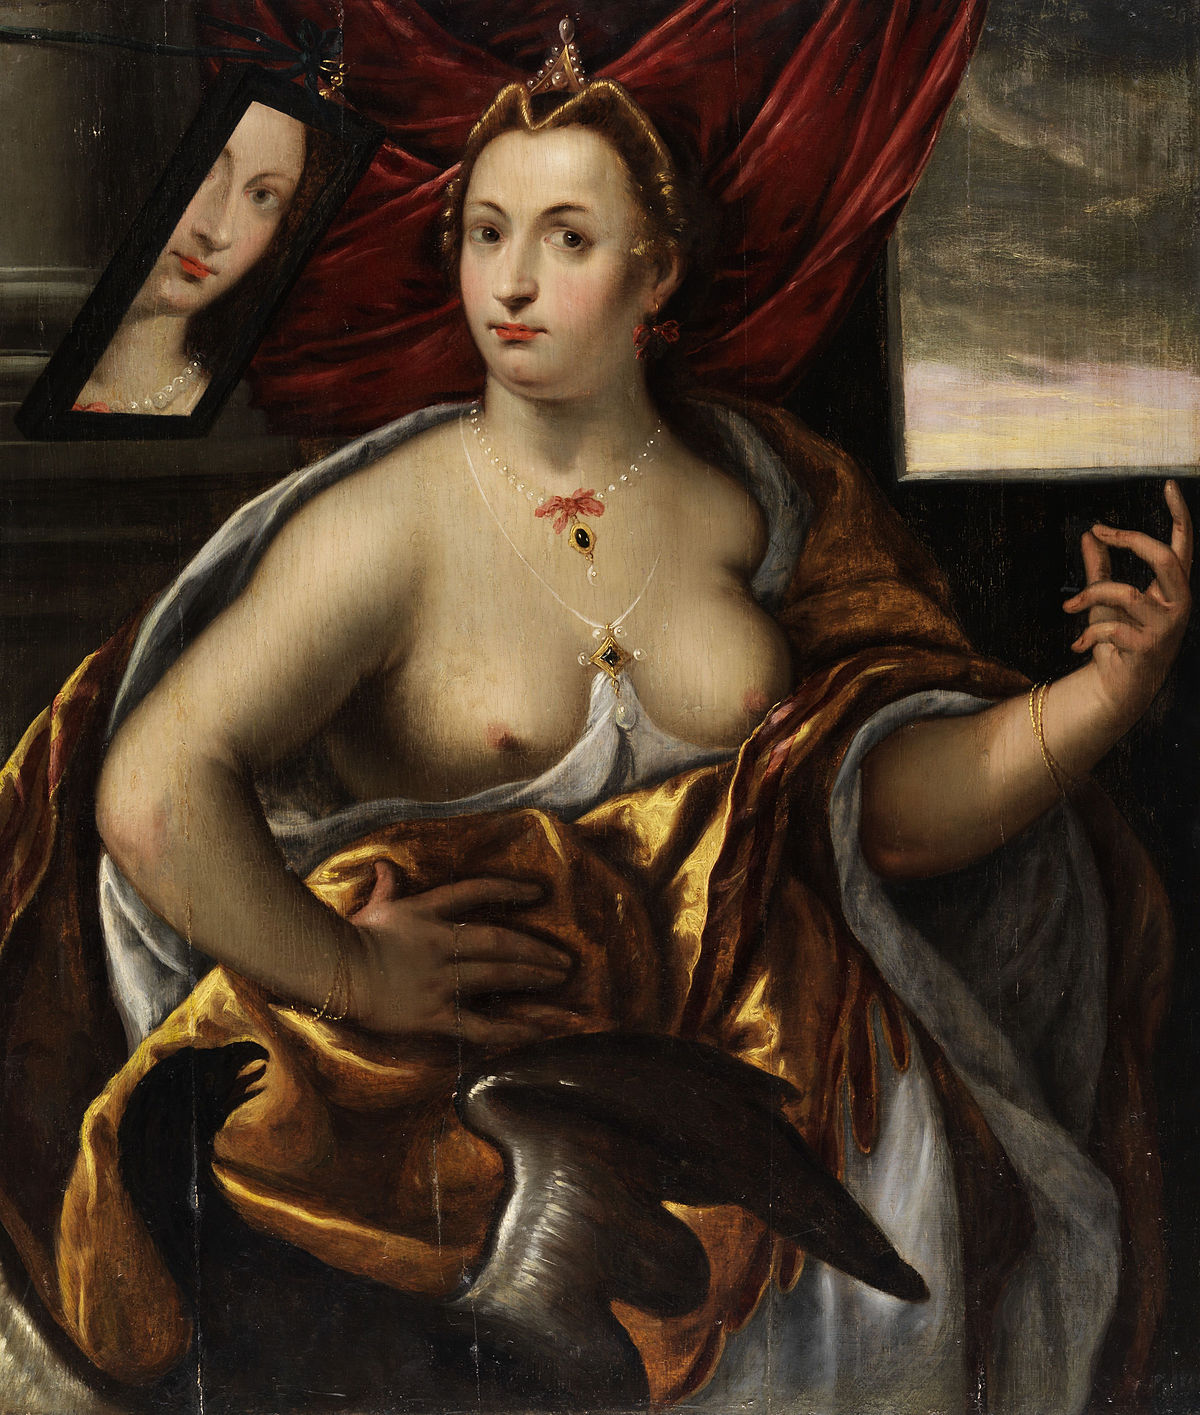 http://upload.wikimedia.org/wikipedia/commons/thumb/e/e1/Frans_Floris_Allegorie_des_Gesichtes.jpg/1200px-Frans_Floris_Allegorie_des_Gesichtes.jpg